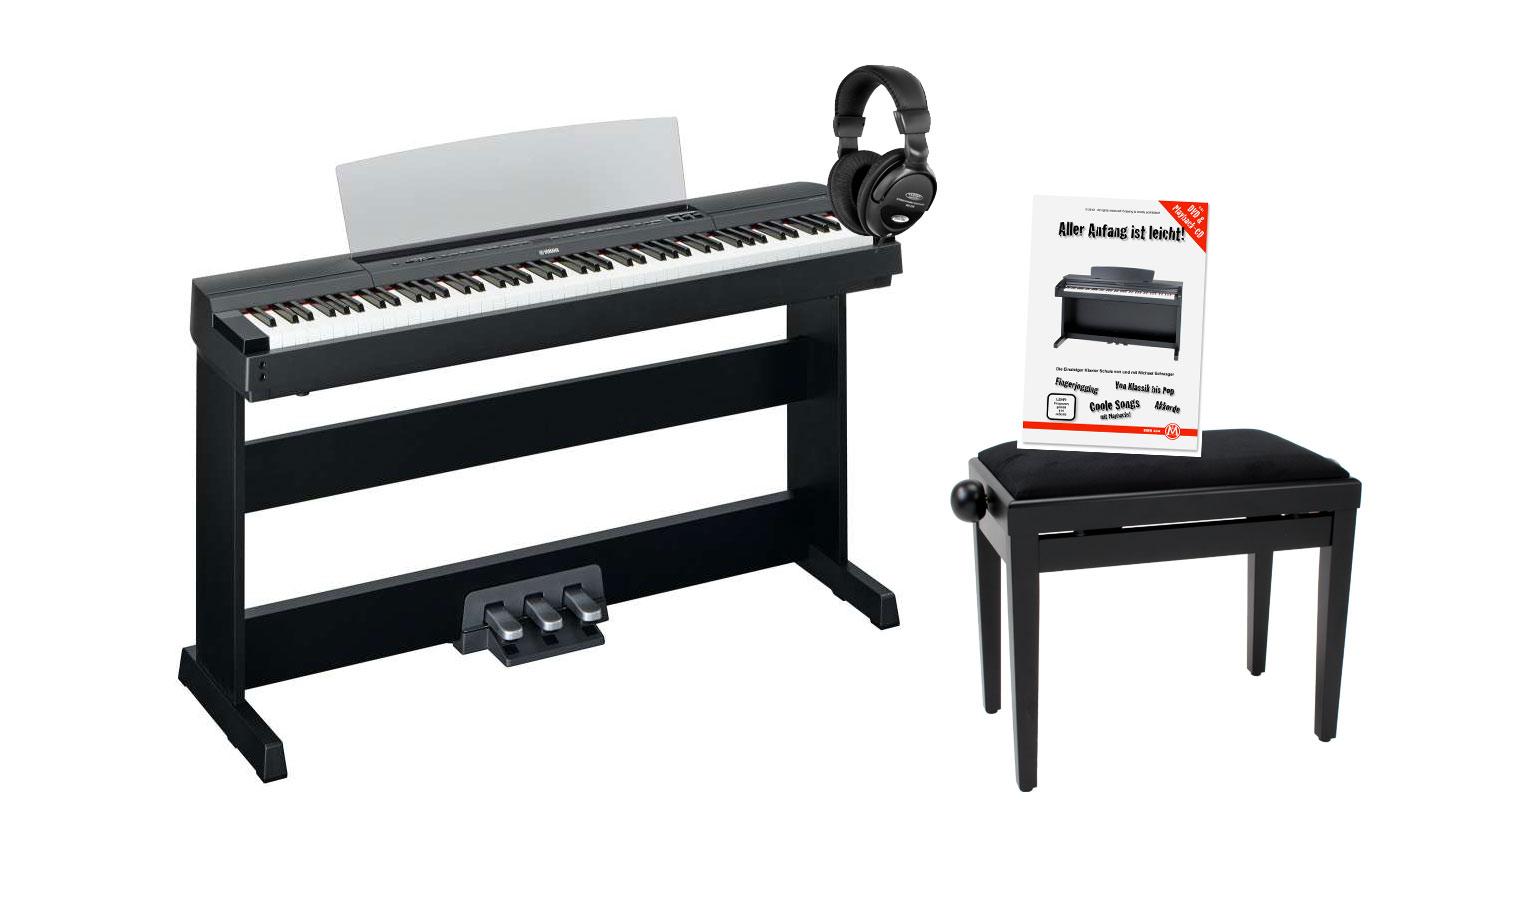 Yamaha P 255B Stagepiano schwarz Home Set L 255B Ständer,LP 255B Pedal, Bank, Kopfhörer und Schule